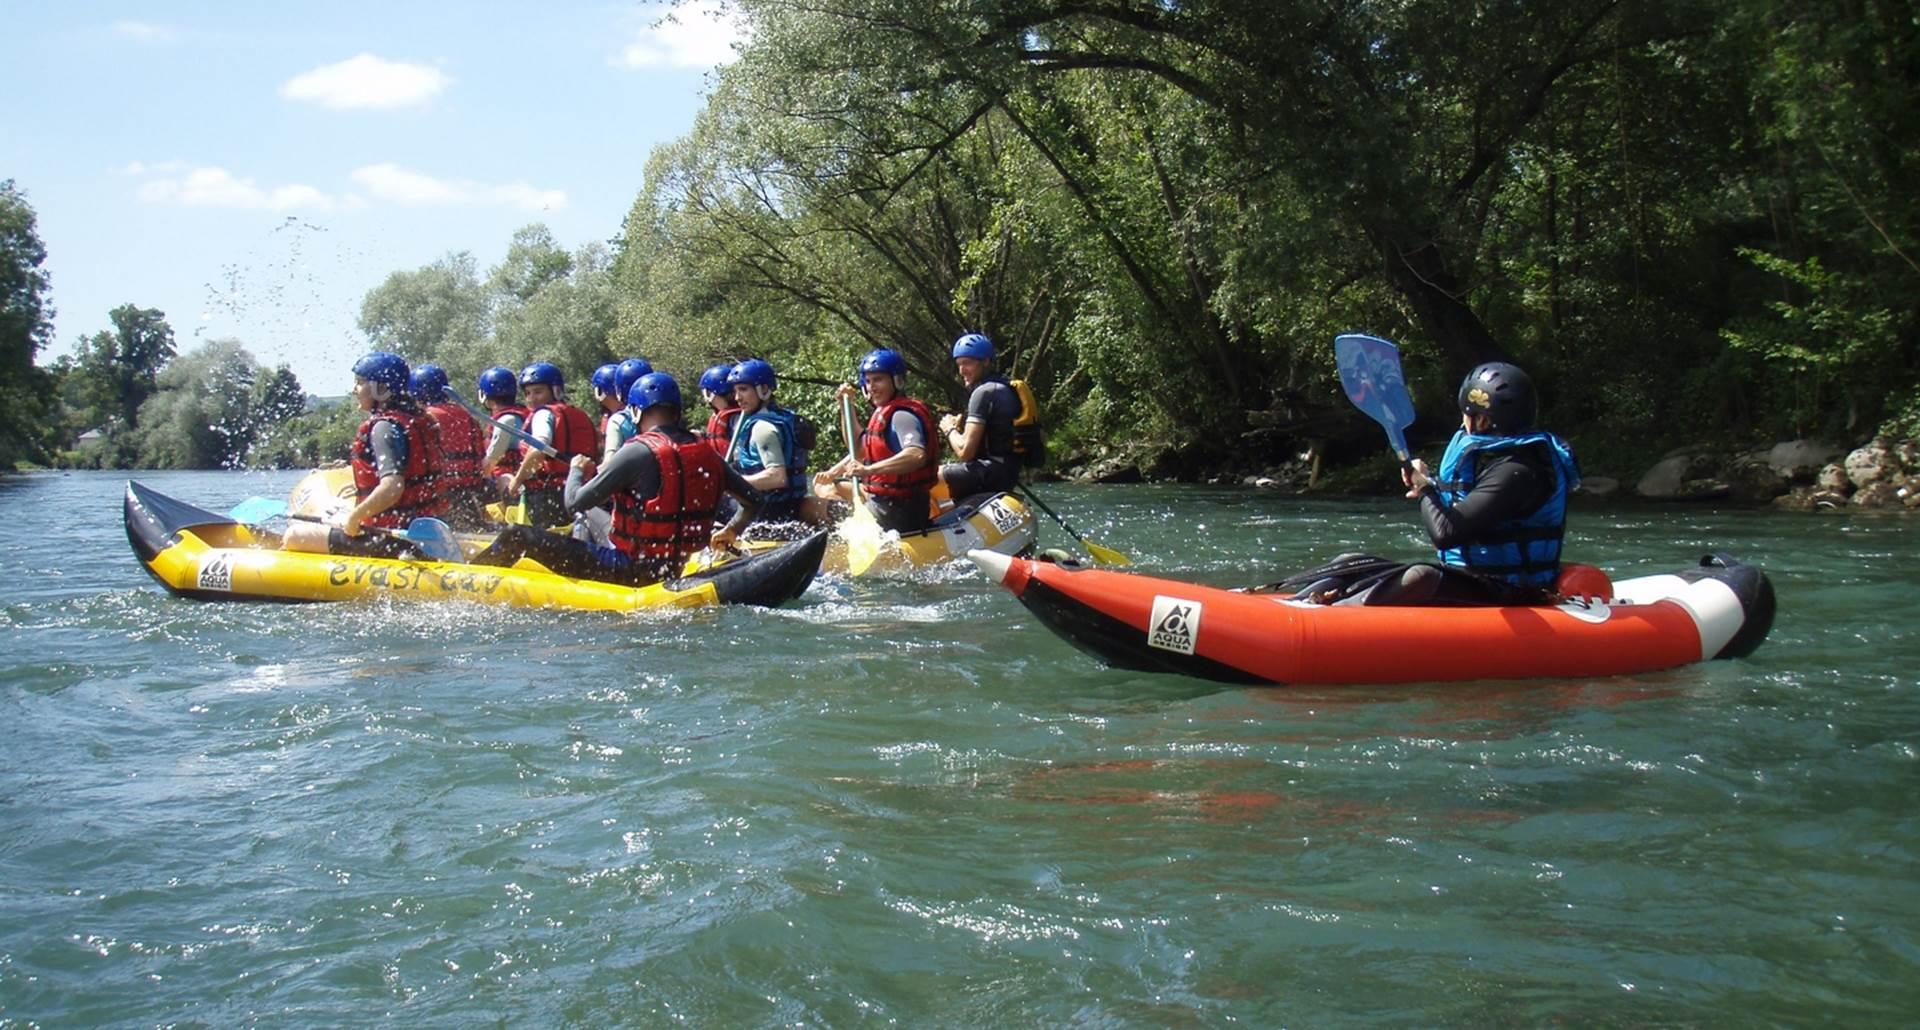 raft Hotdog airboat Evasi'eau